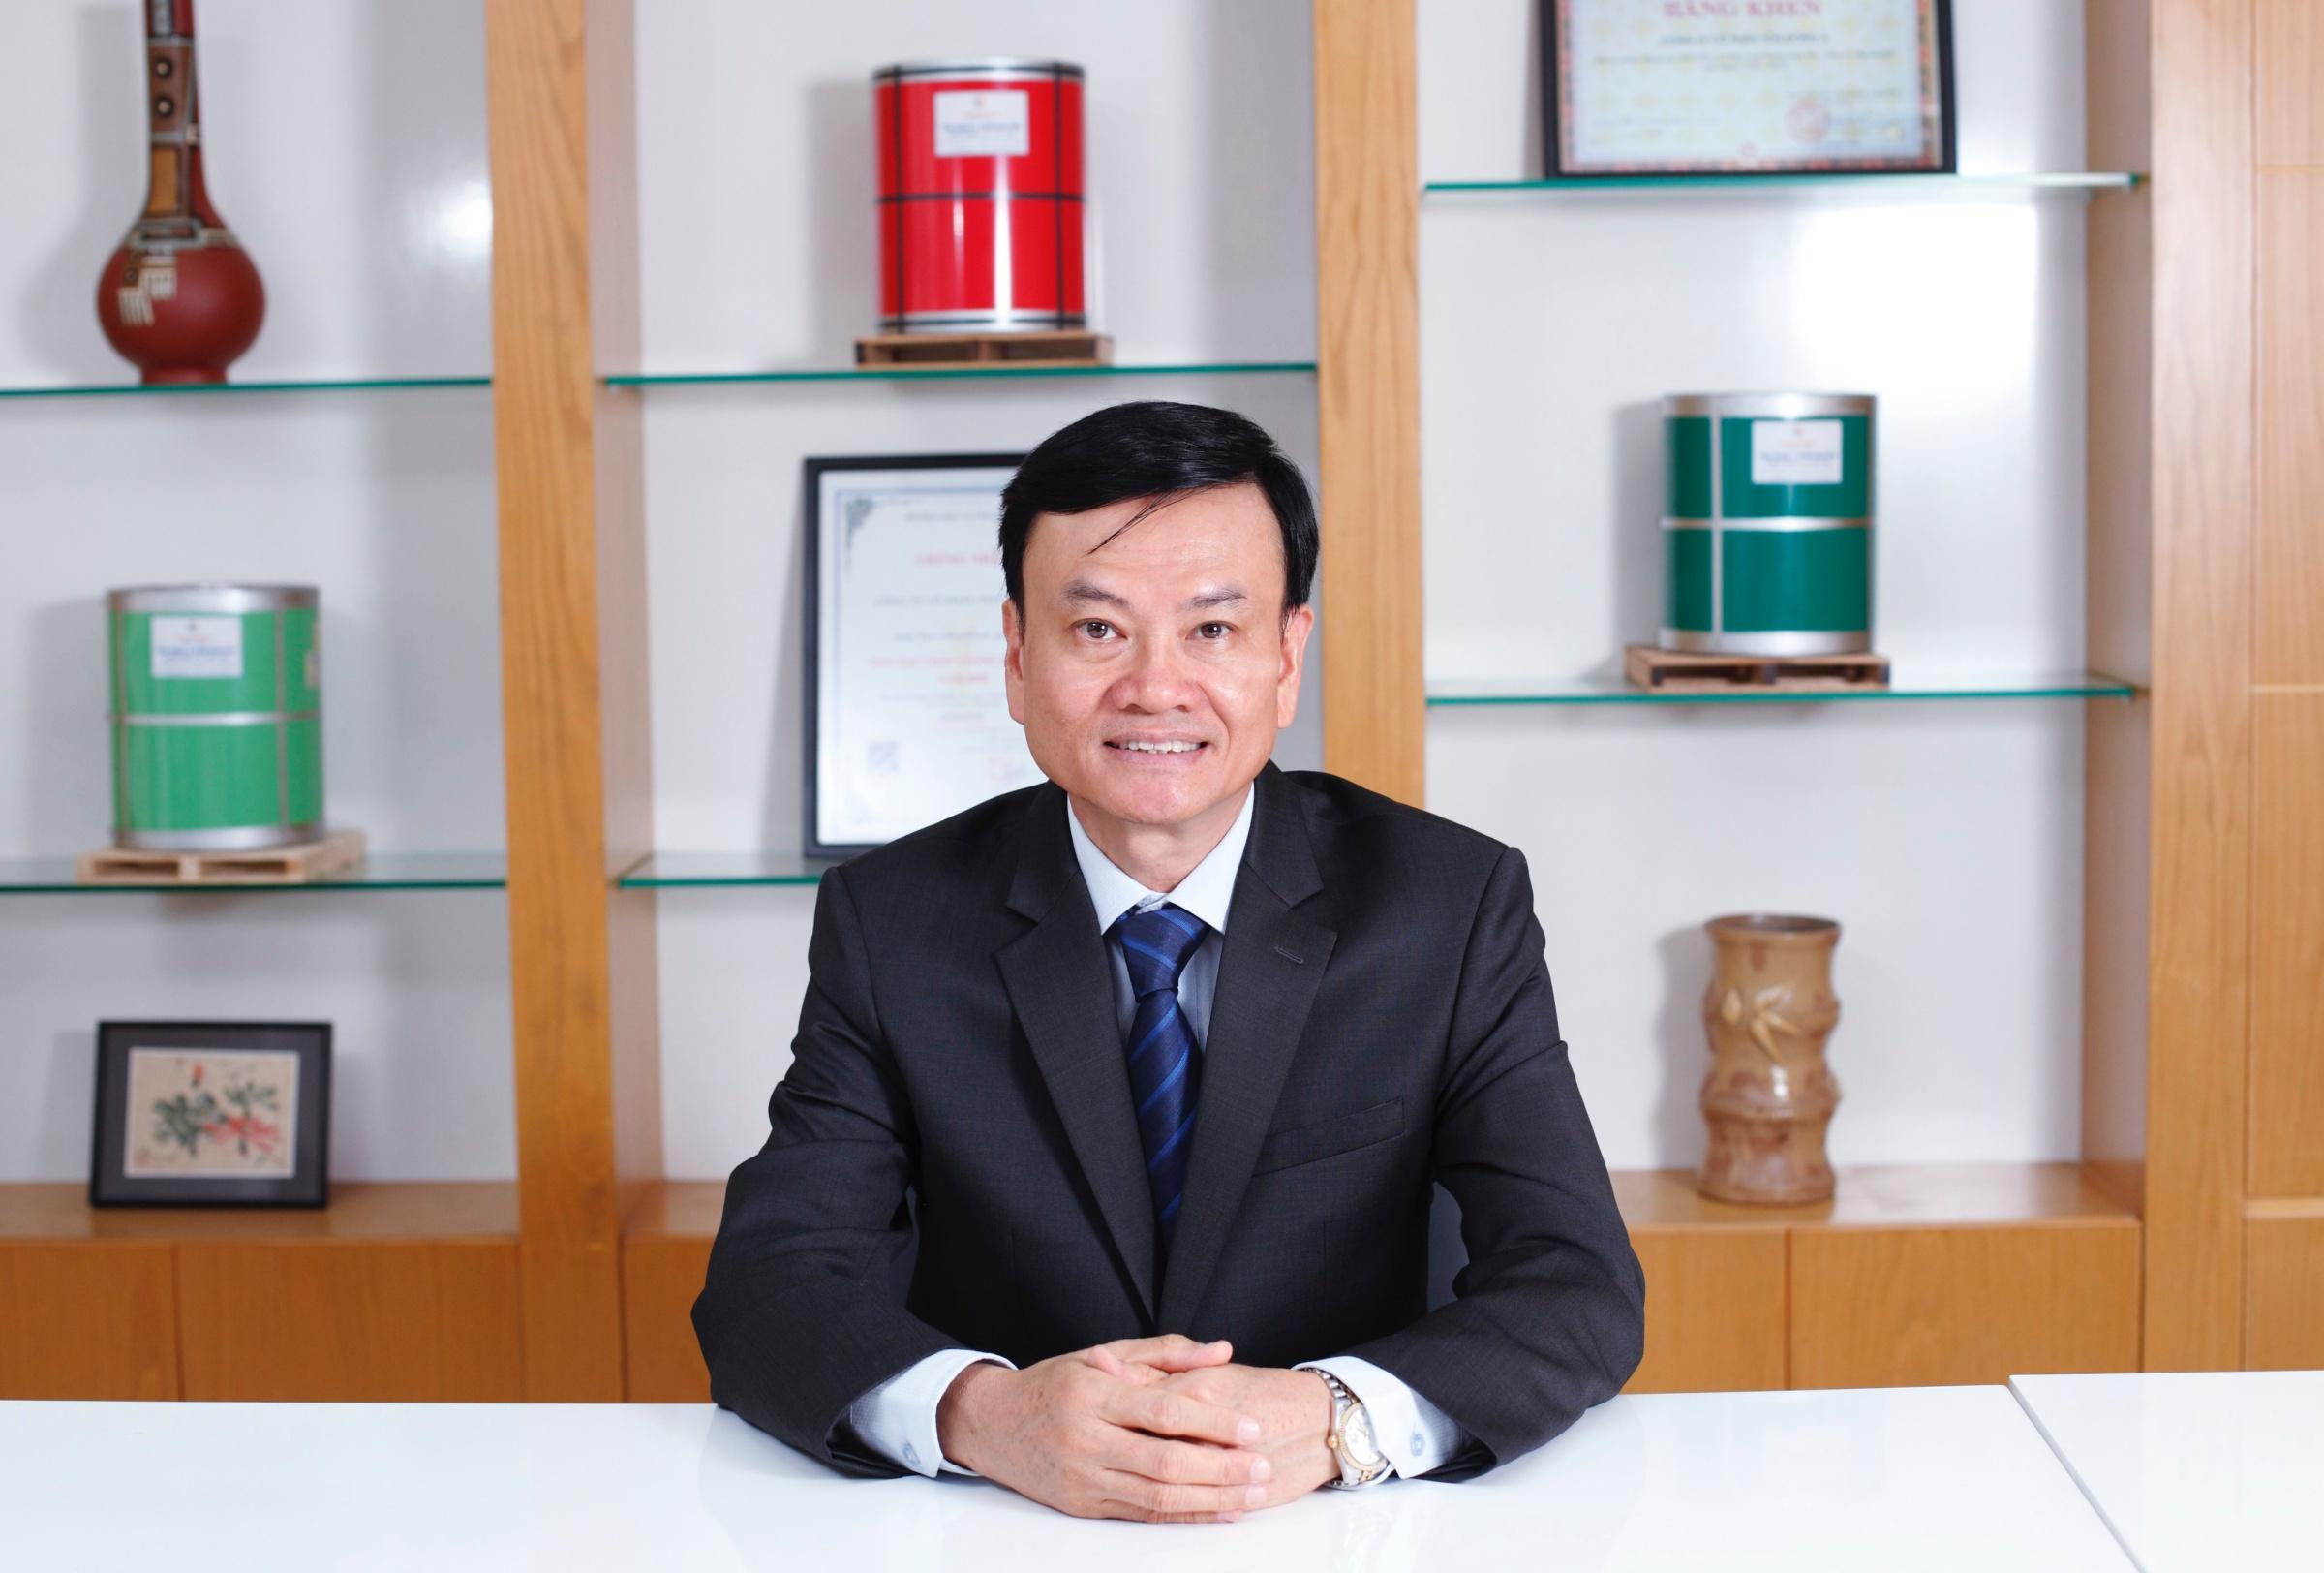 Ông Nguyễn Thanh Trung - Chủ tịch HĐQT Công ty Cổ phần Tôn Đông Á.